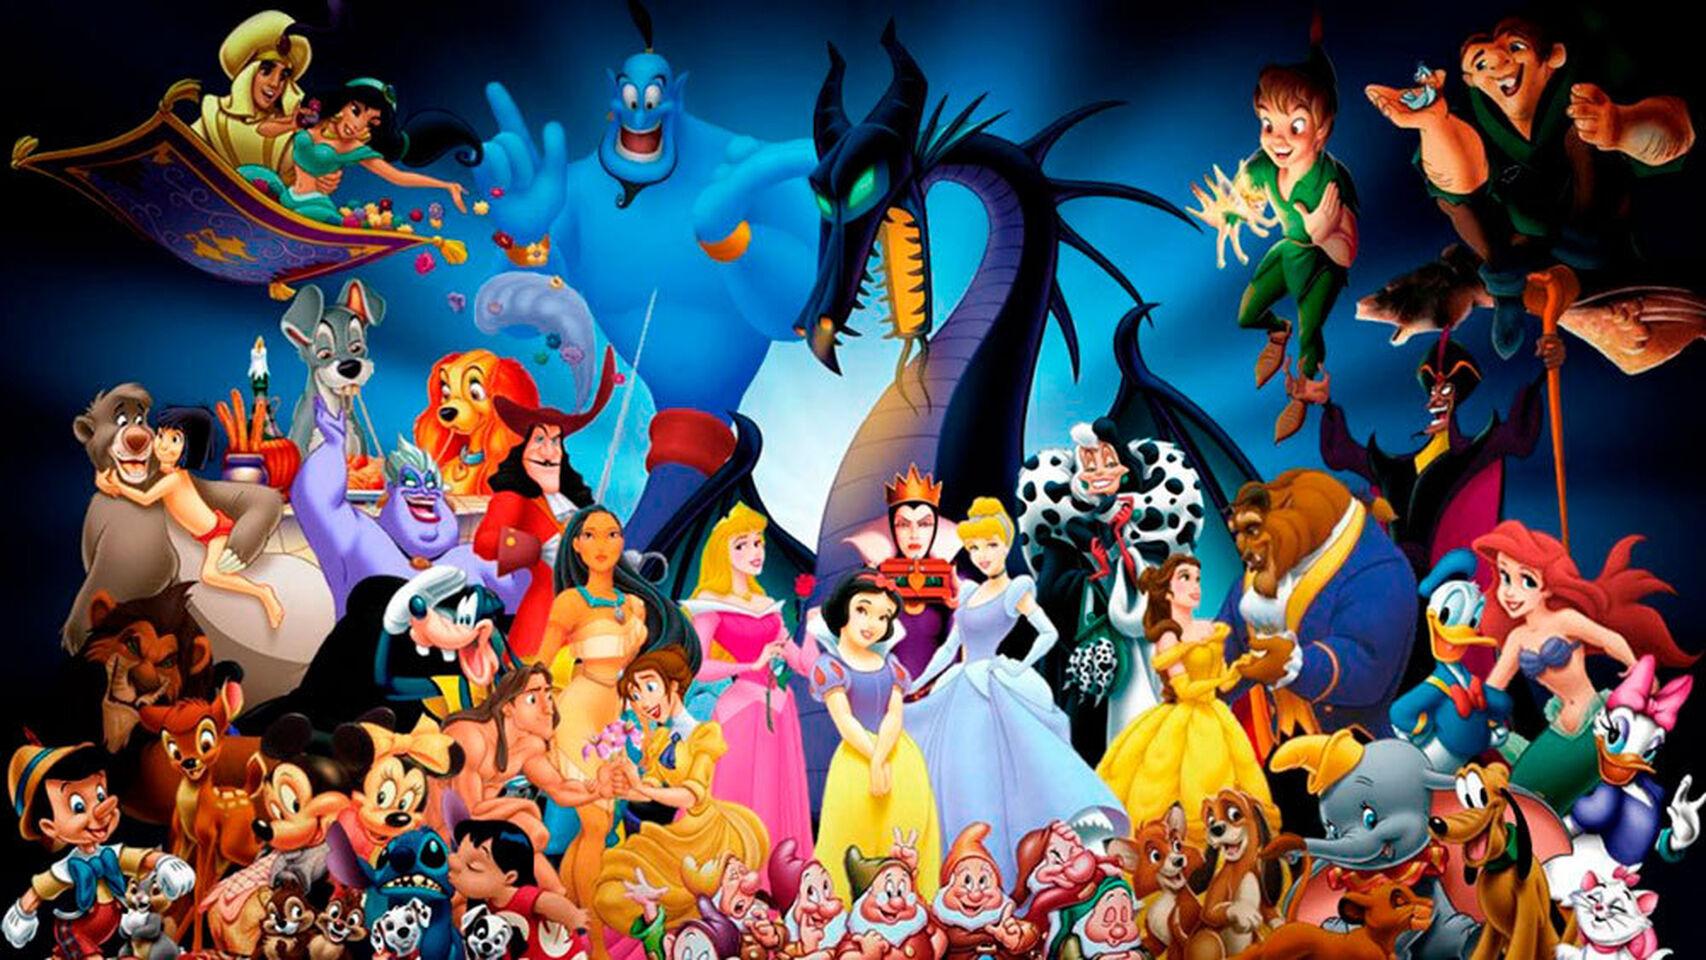 Orquesta Filarmónica de Toluca prepara concierto de Disney